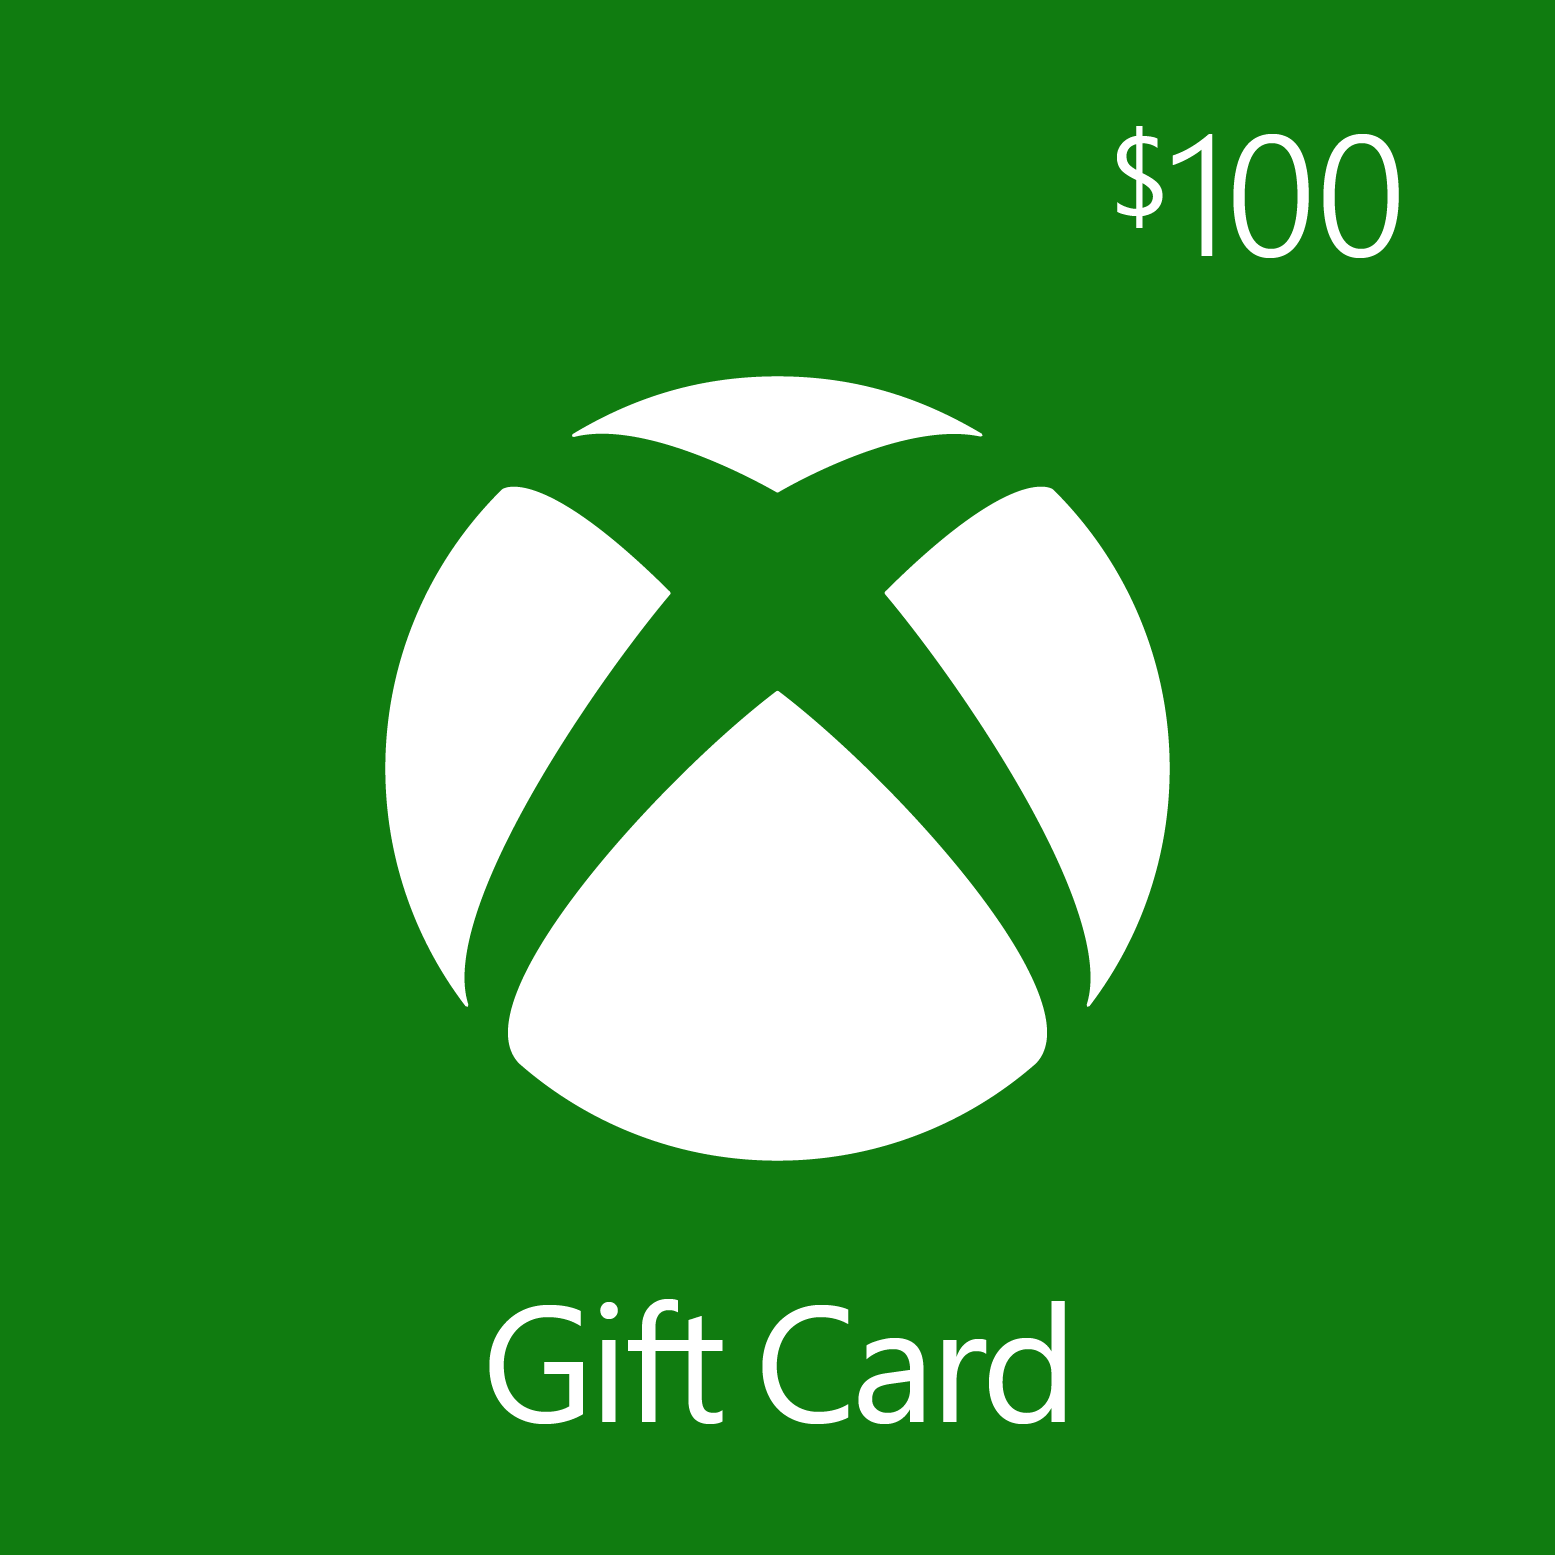 $100.00 Xbox Digital Gift Card